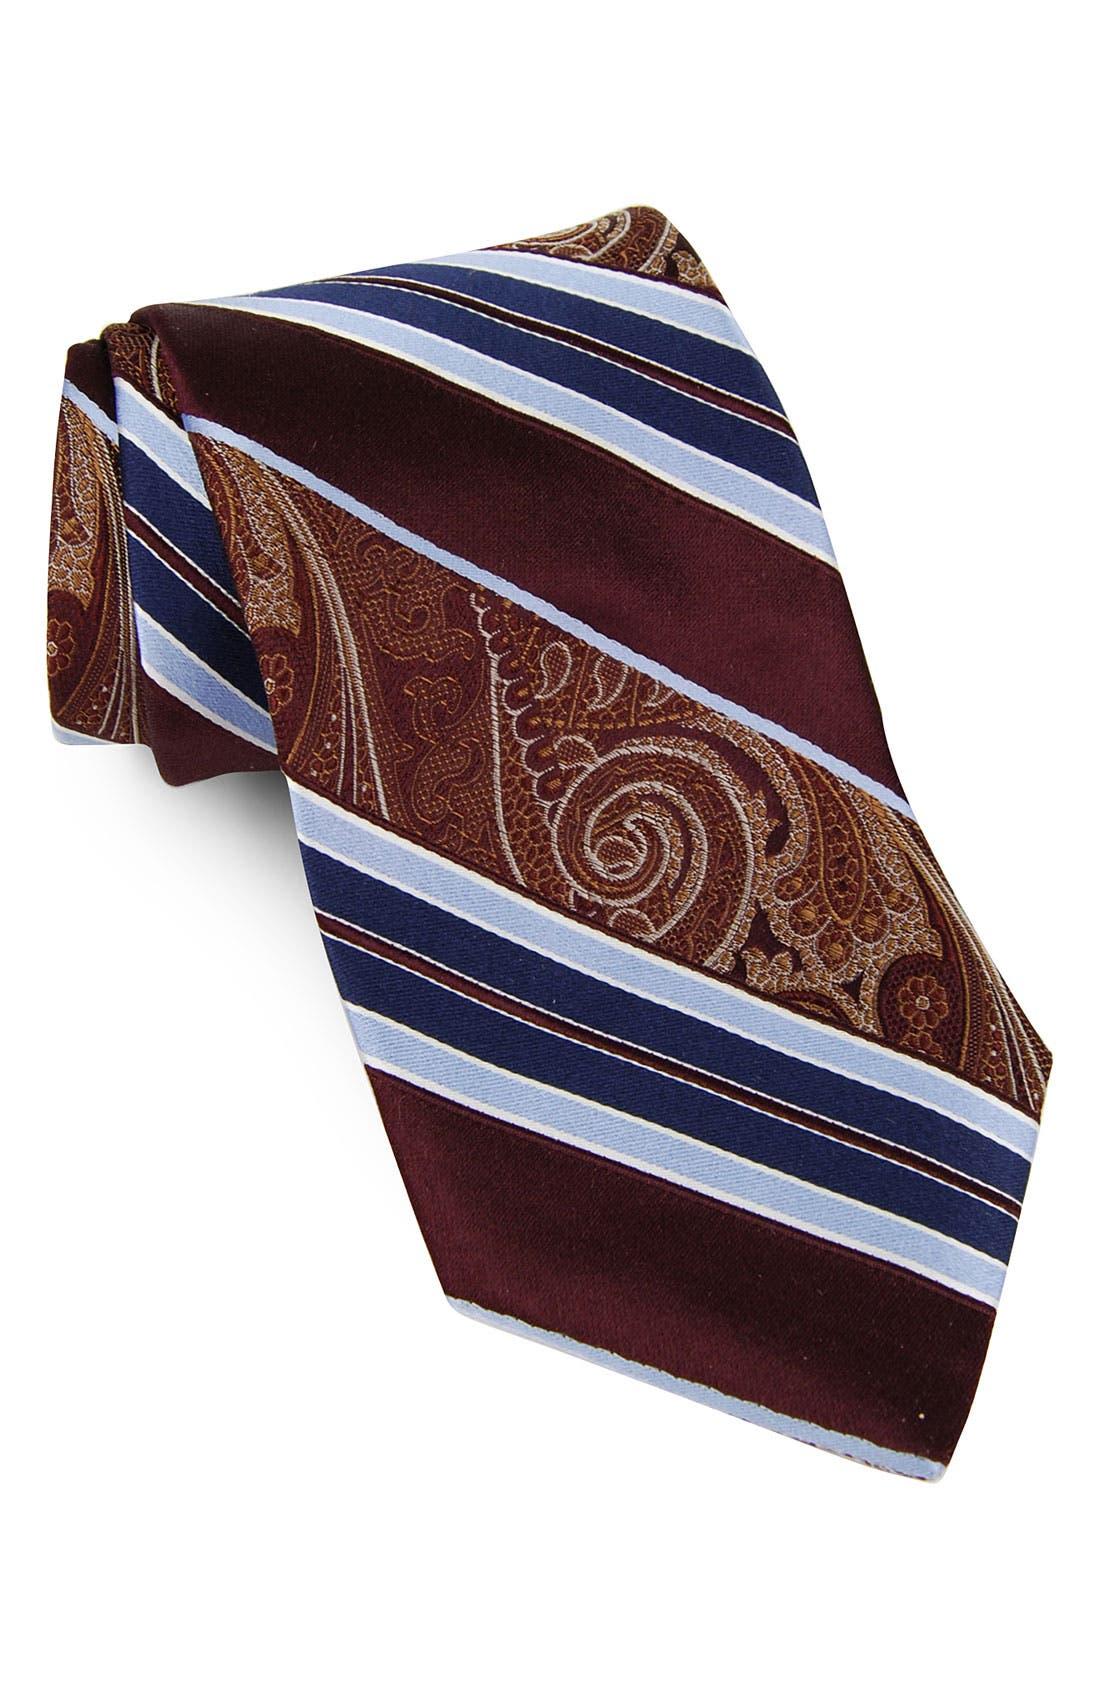 Alternate Image 1 Selected - John W. Nordstrom® 'Dime Stripe' Silk Tie